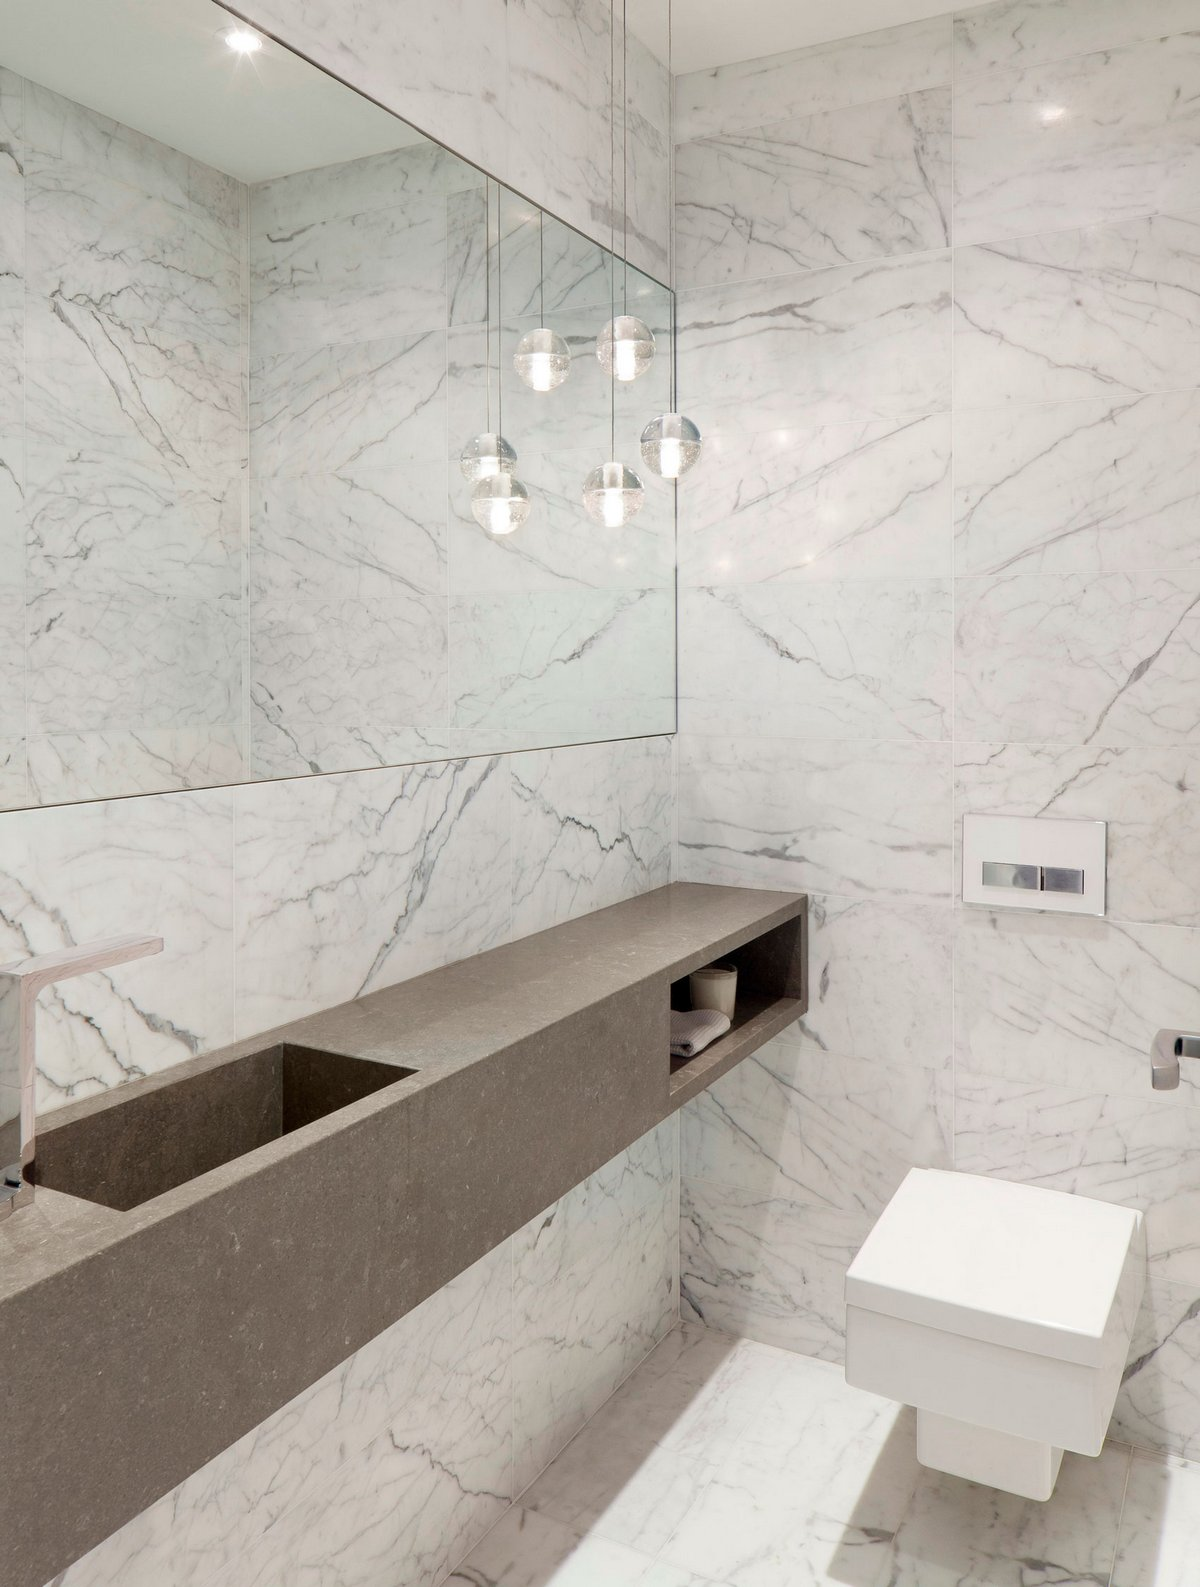 DUBBELDAM Architecture + Design, Annex House, Торонто, Канада, реконструкция частного дома фото, современные частные дома фото, дворик частного дома